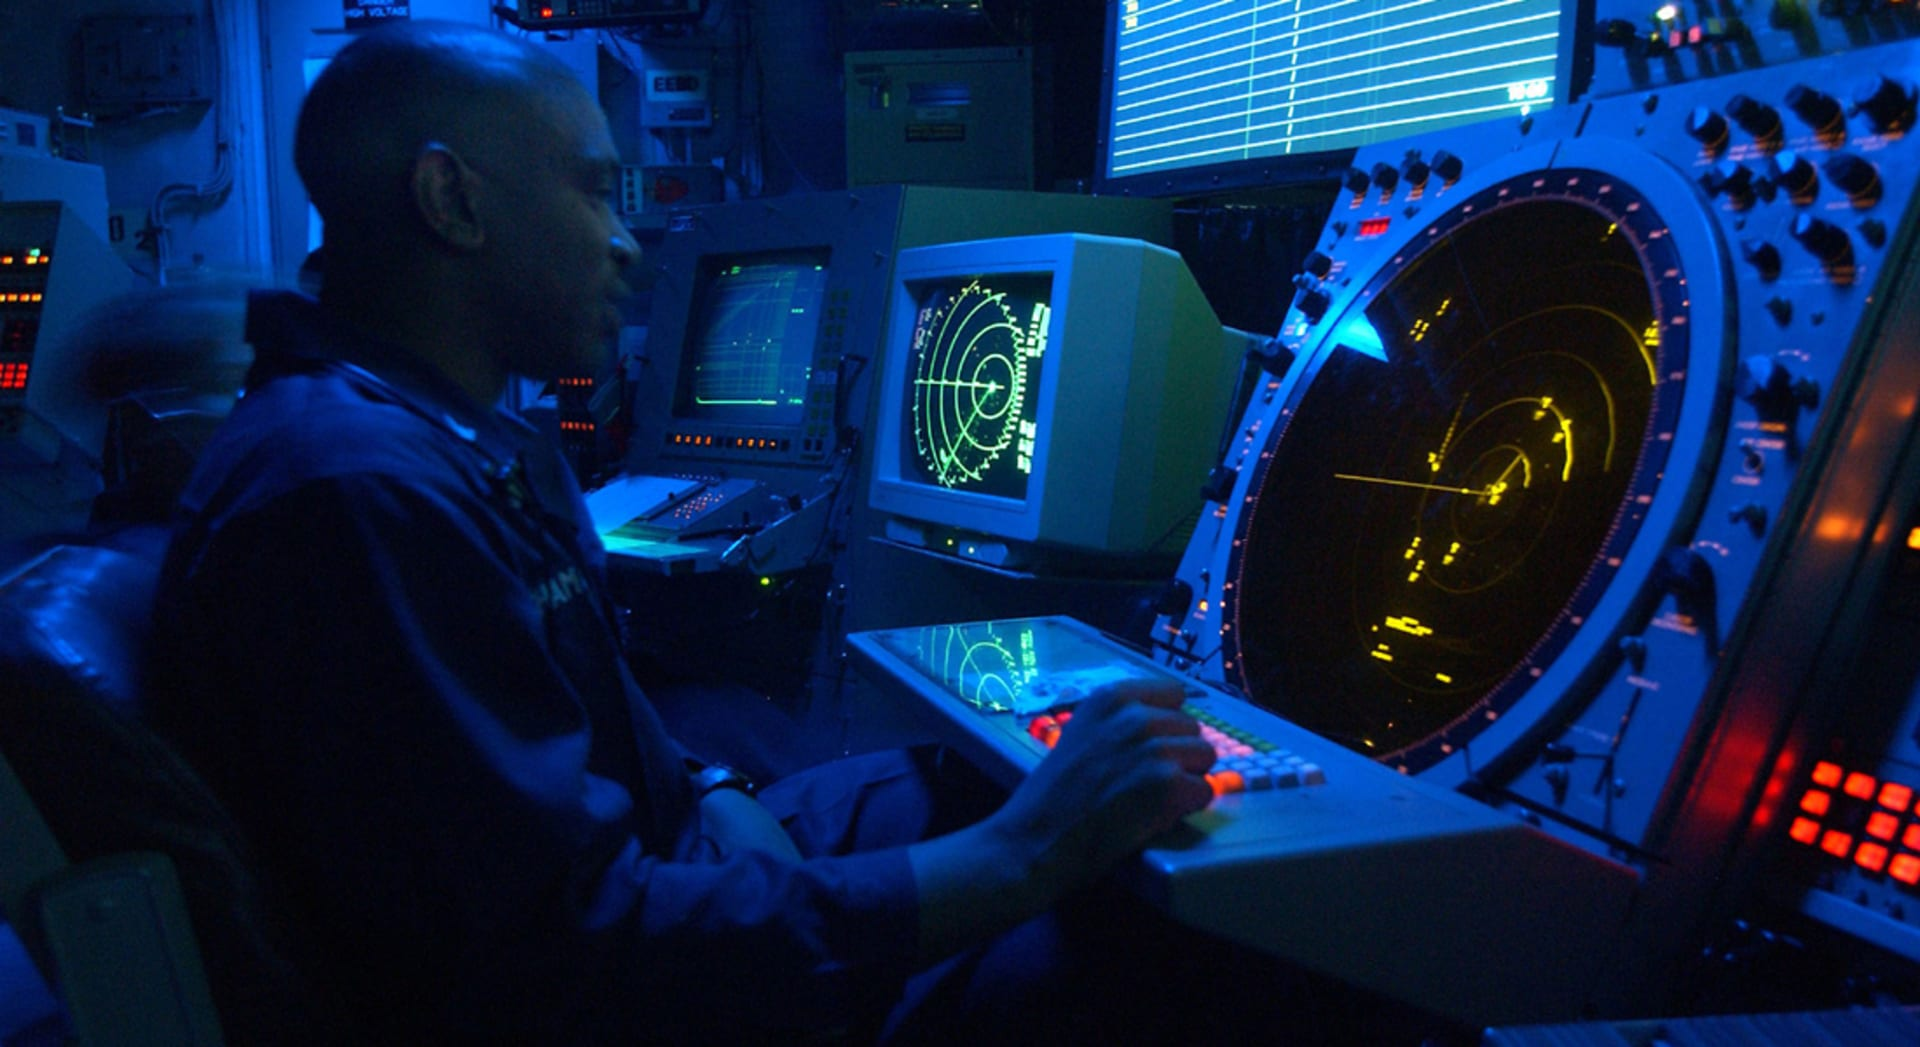 استراليا: رصد 4 أجسام برتقالية اللون يعتقد انها من حطام الطائرة الماليزية